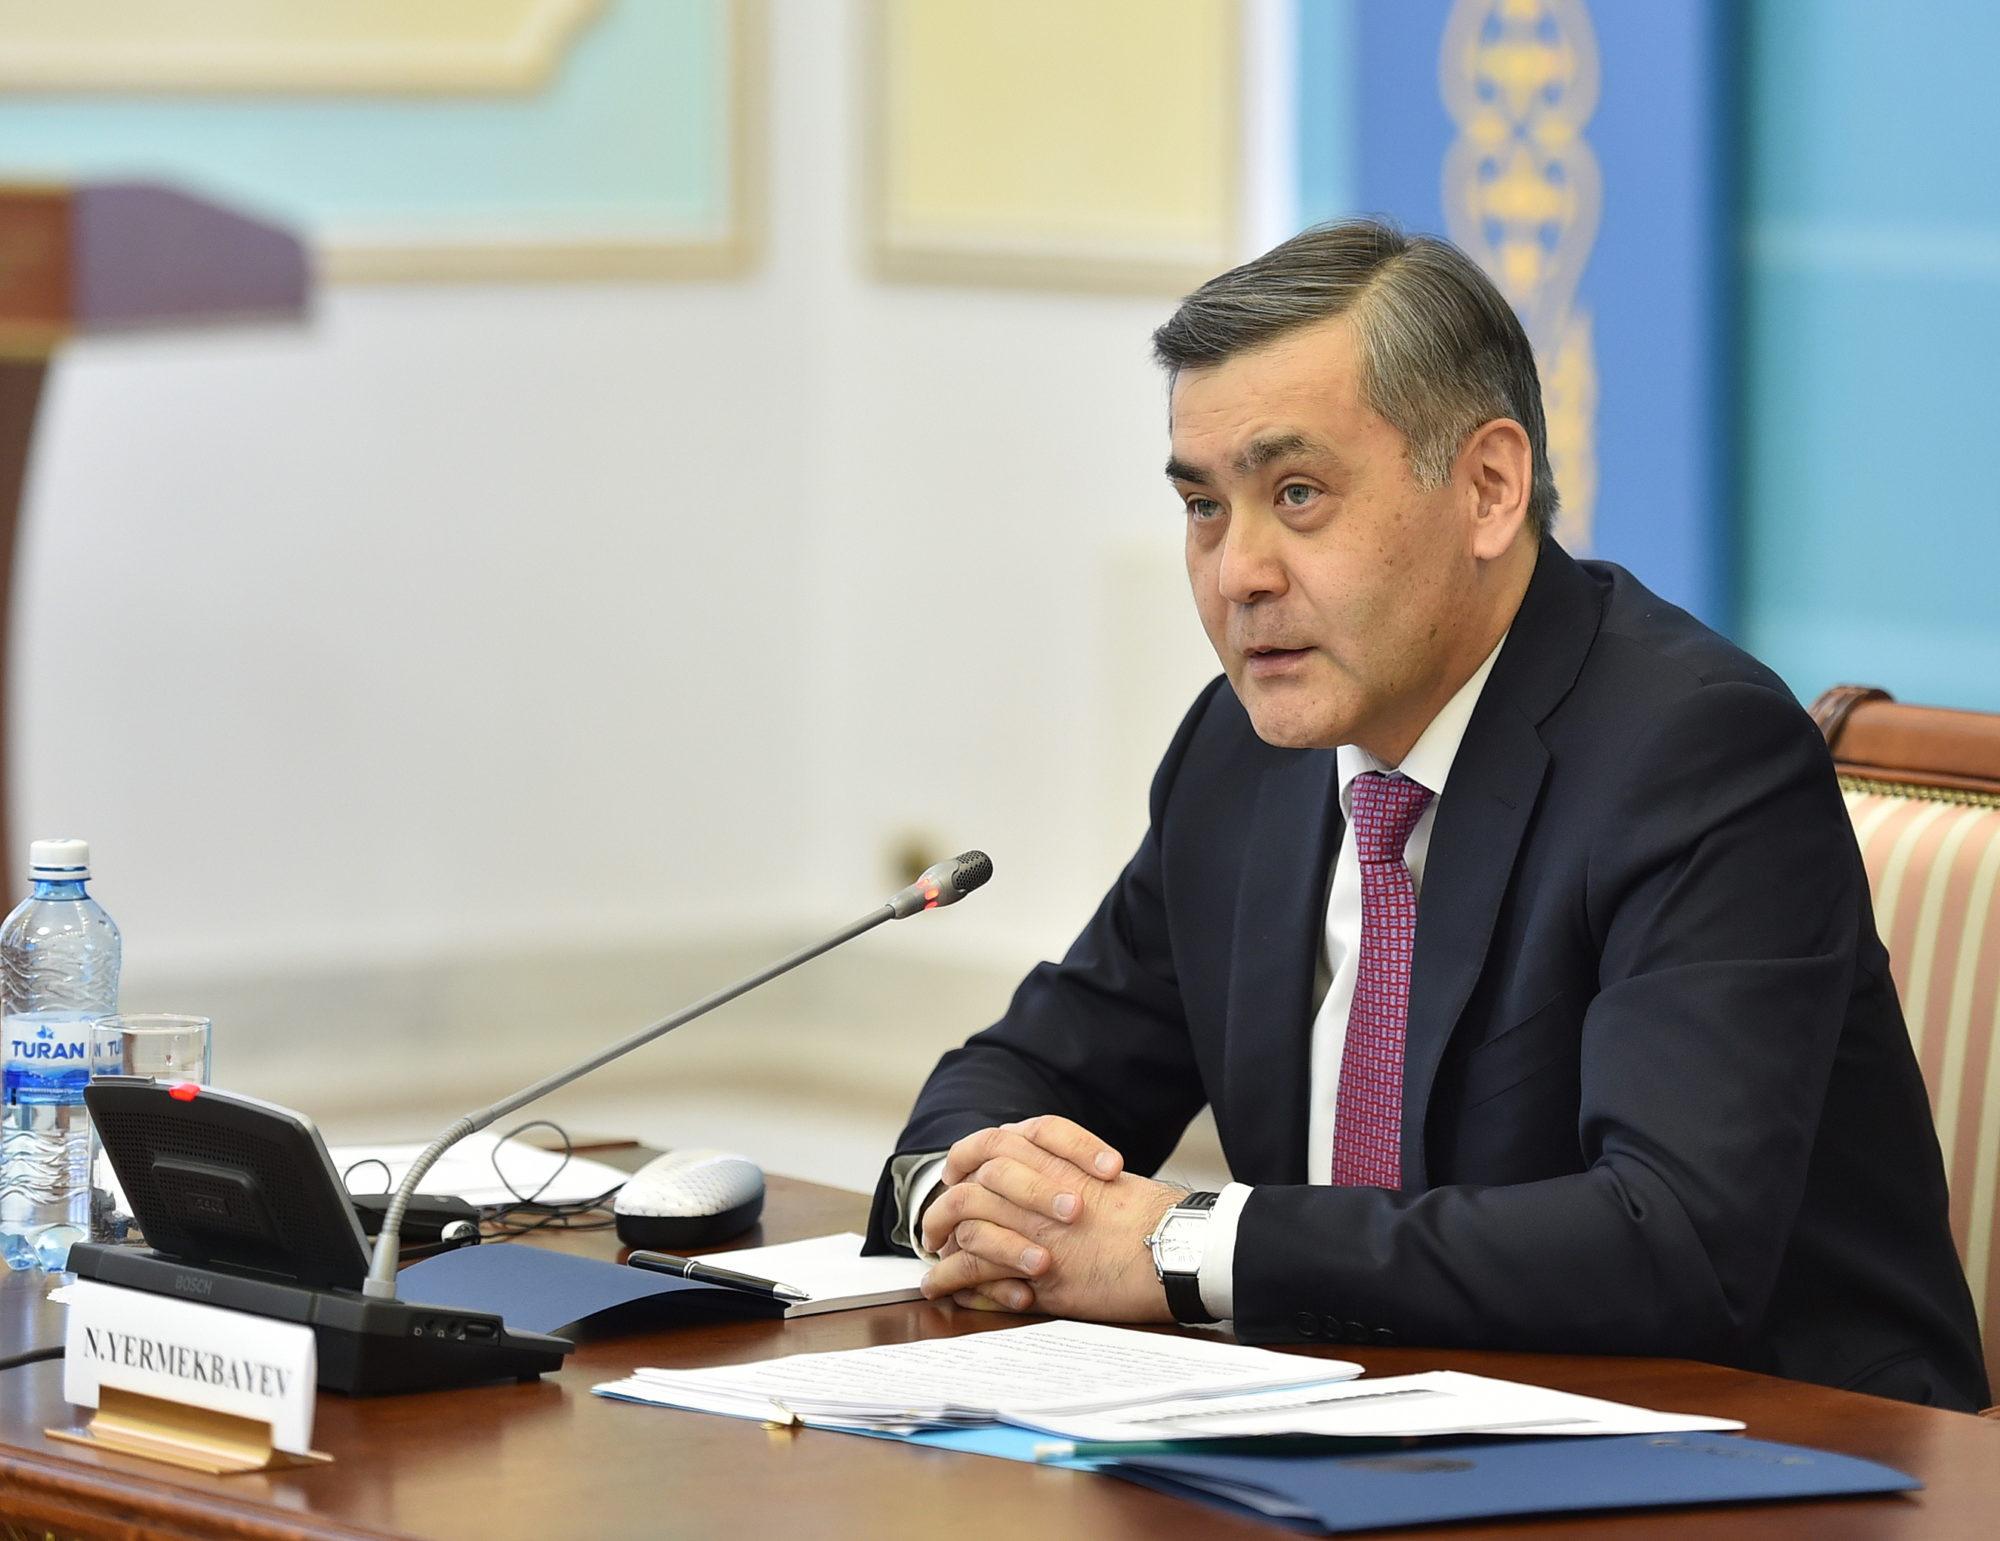 Нурлан Ермекбаев, министр по делам религий и гражданского общества РК